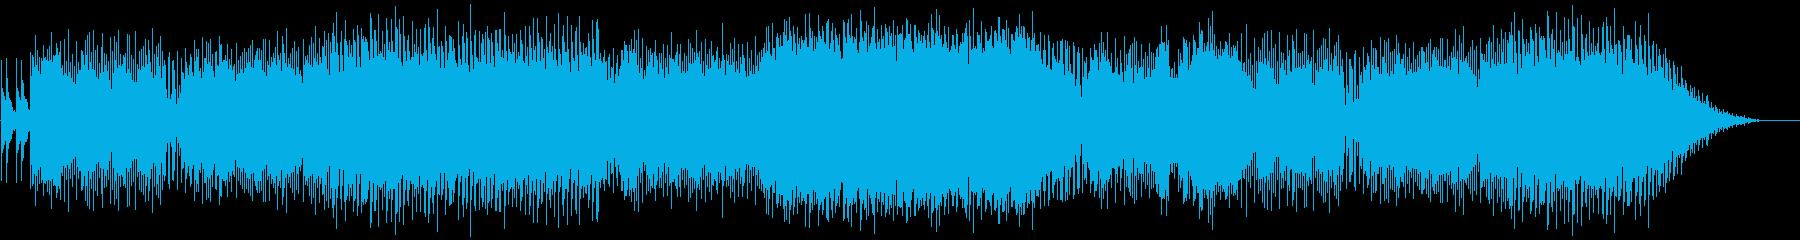 暗い雰囲気の電子楽器。劇的で神秘的...の再生済みの波形